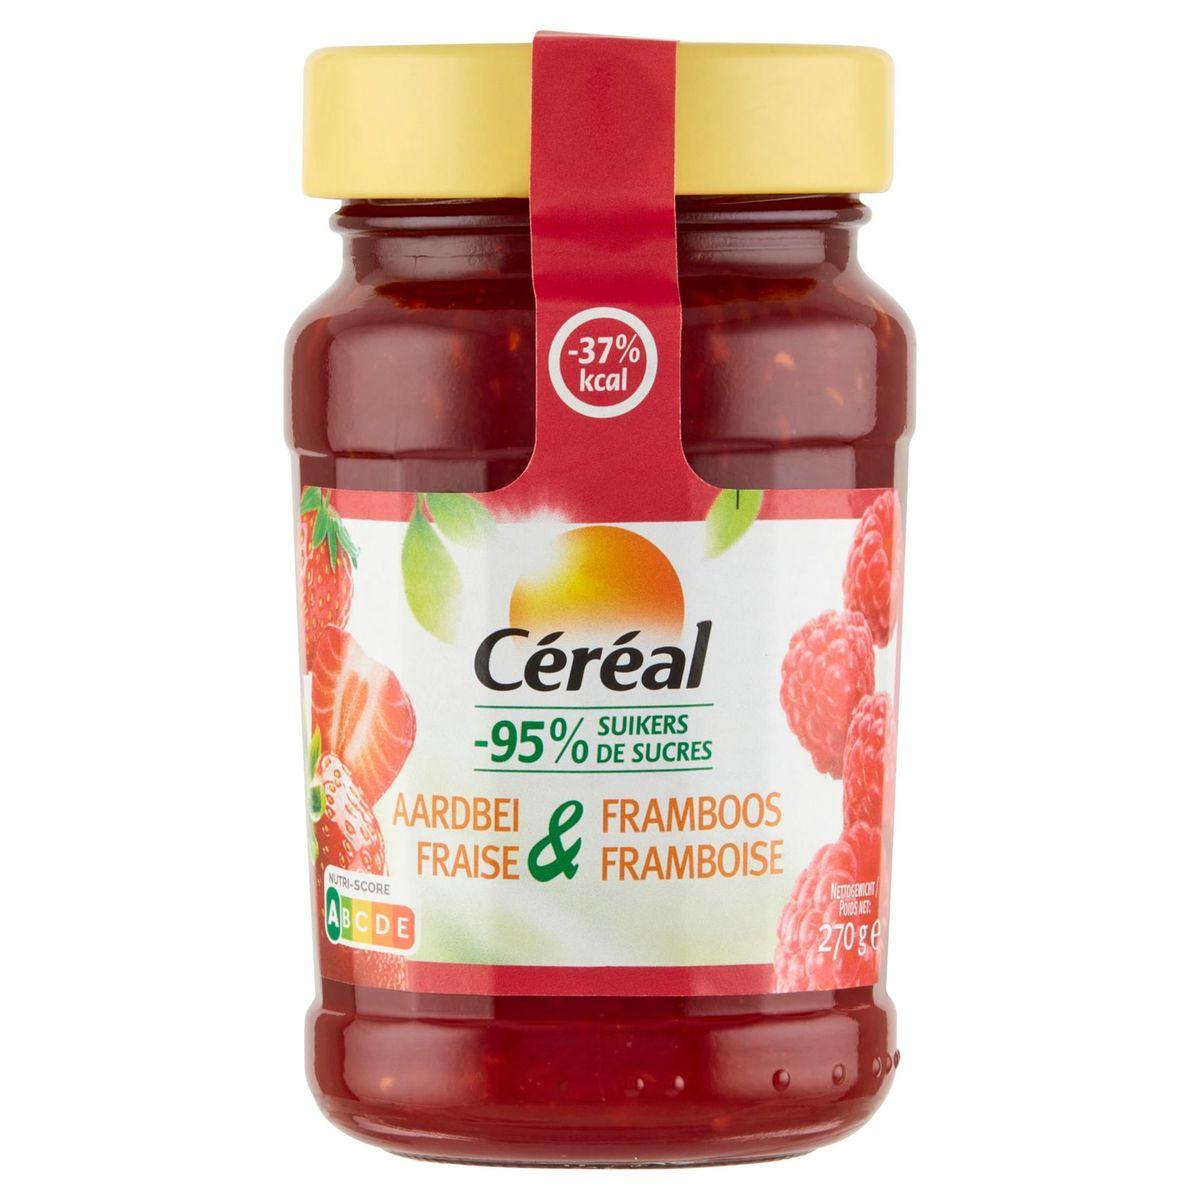 Céréal Aardbei & Framboos 270 g